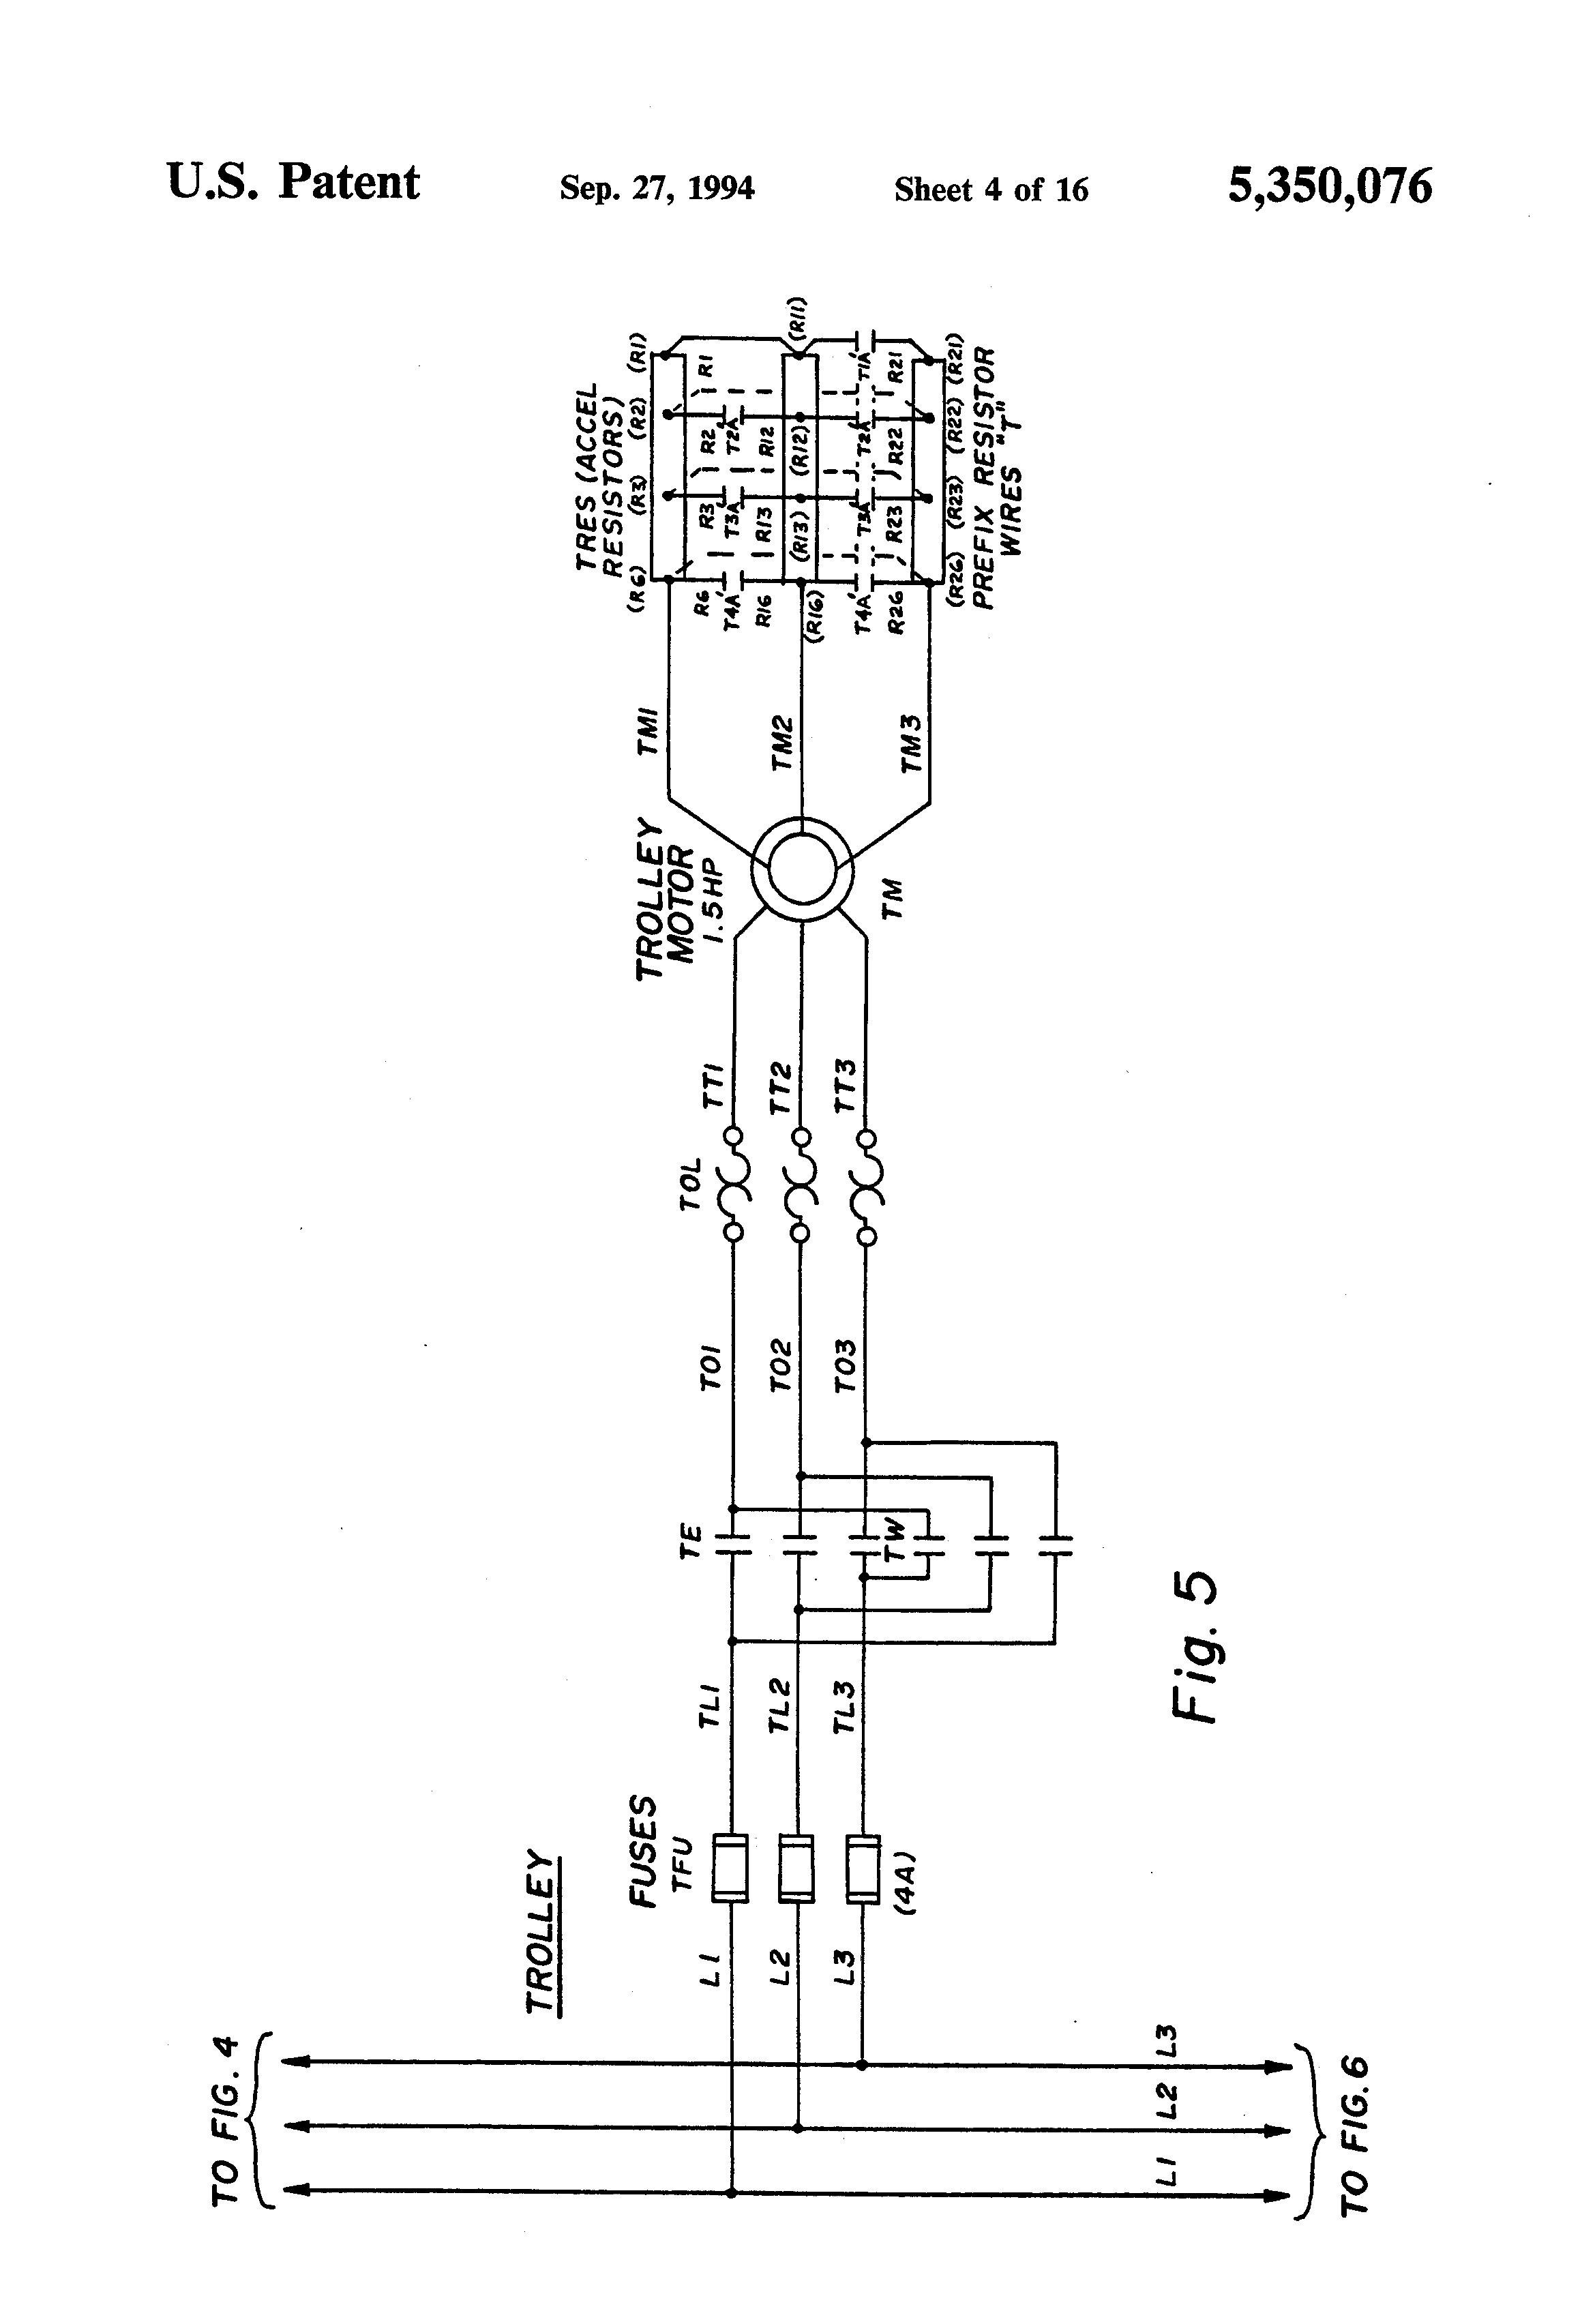 [SODI_2457]   FA_5703] 2 Speed Hoist Pendant Wiring Diagram Wiring Diagram | Demag Hoist Wiring Diagram |  | Anth Rosz Loskopri Stic Licuk Favo Mohammedshrine Librar Wiring 101